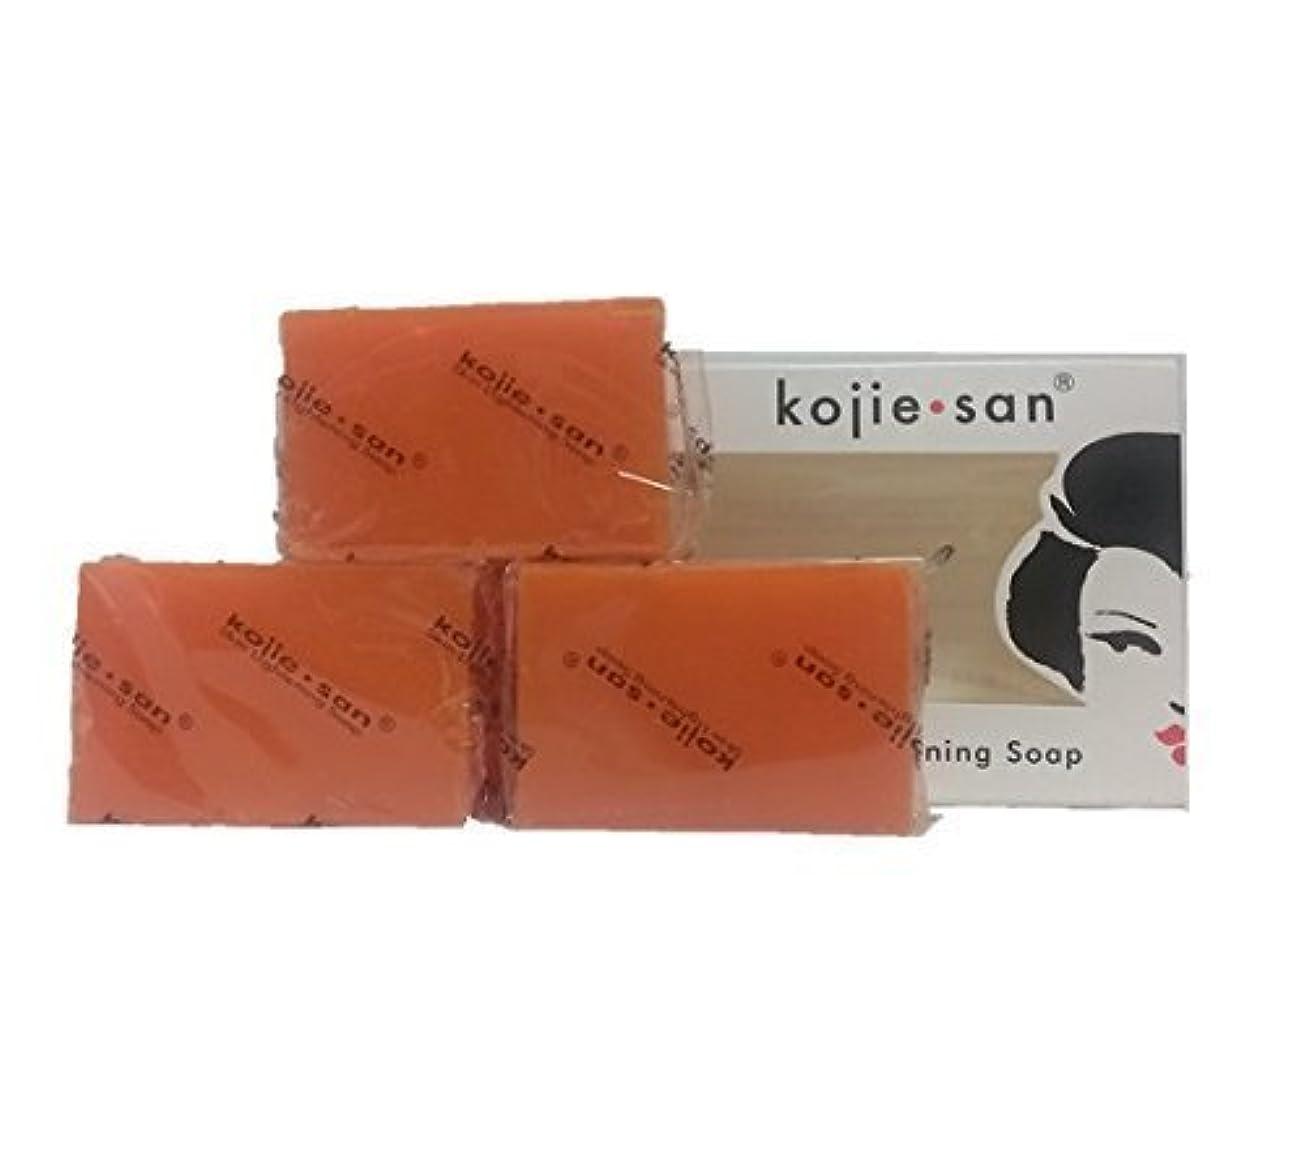 きらきら帰る水星Kojie san Skin Lightning Soap 3 pcs こじえさんスキンライトニングソープ3個パック [並行輸入品]